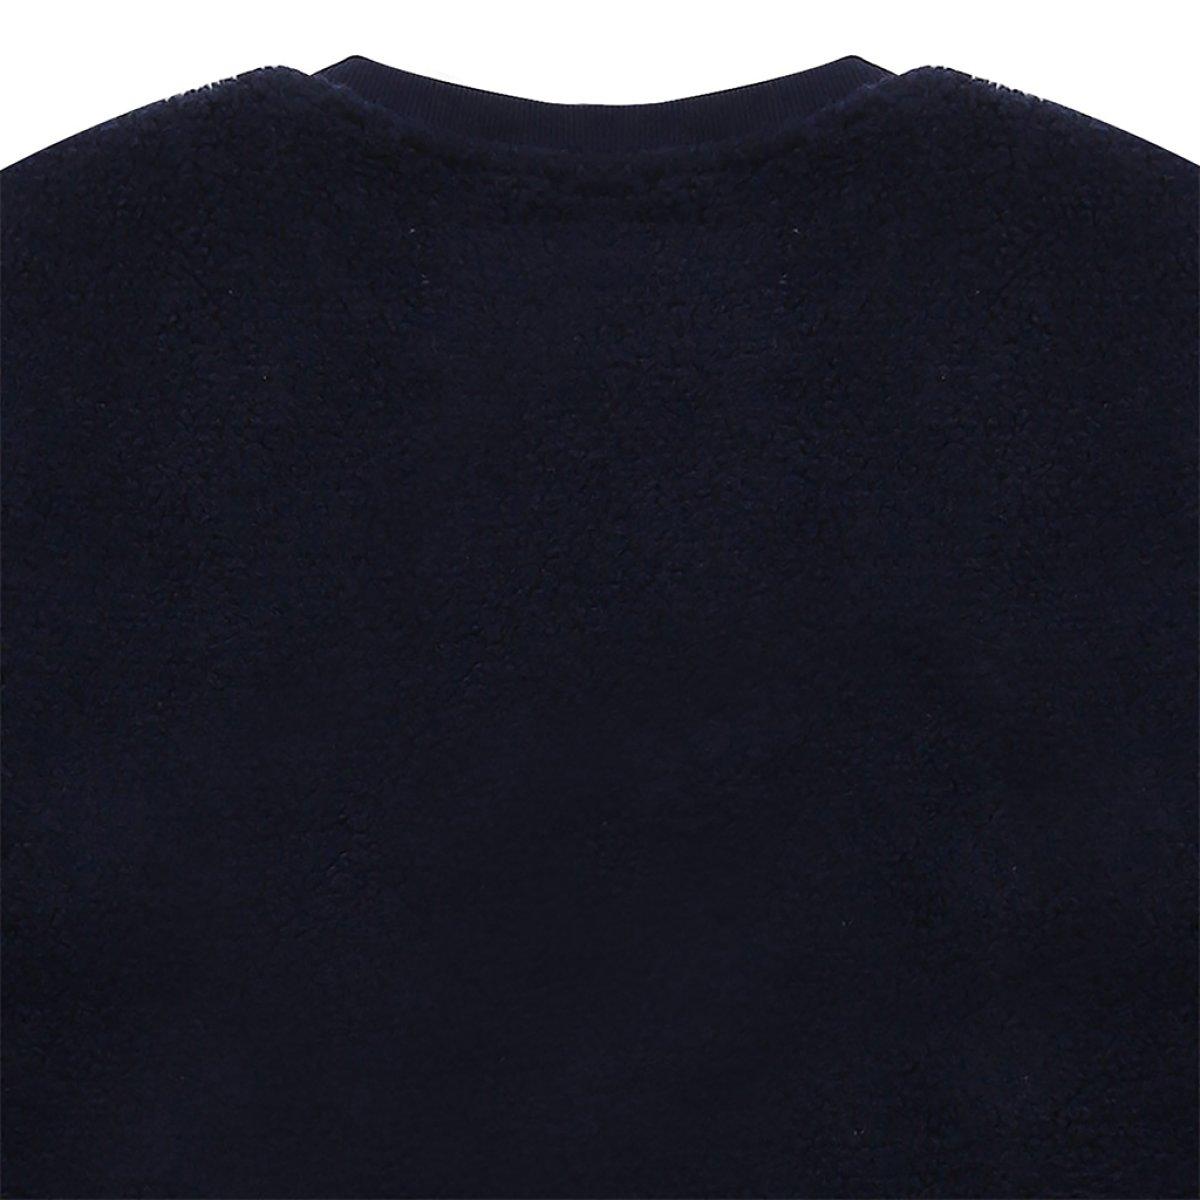 프로스펙스(PROSPECS) 오리지널 겨울 플리스 맨투맨 티셔츠(W)MT-X312